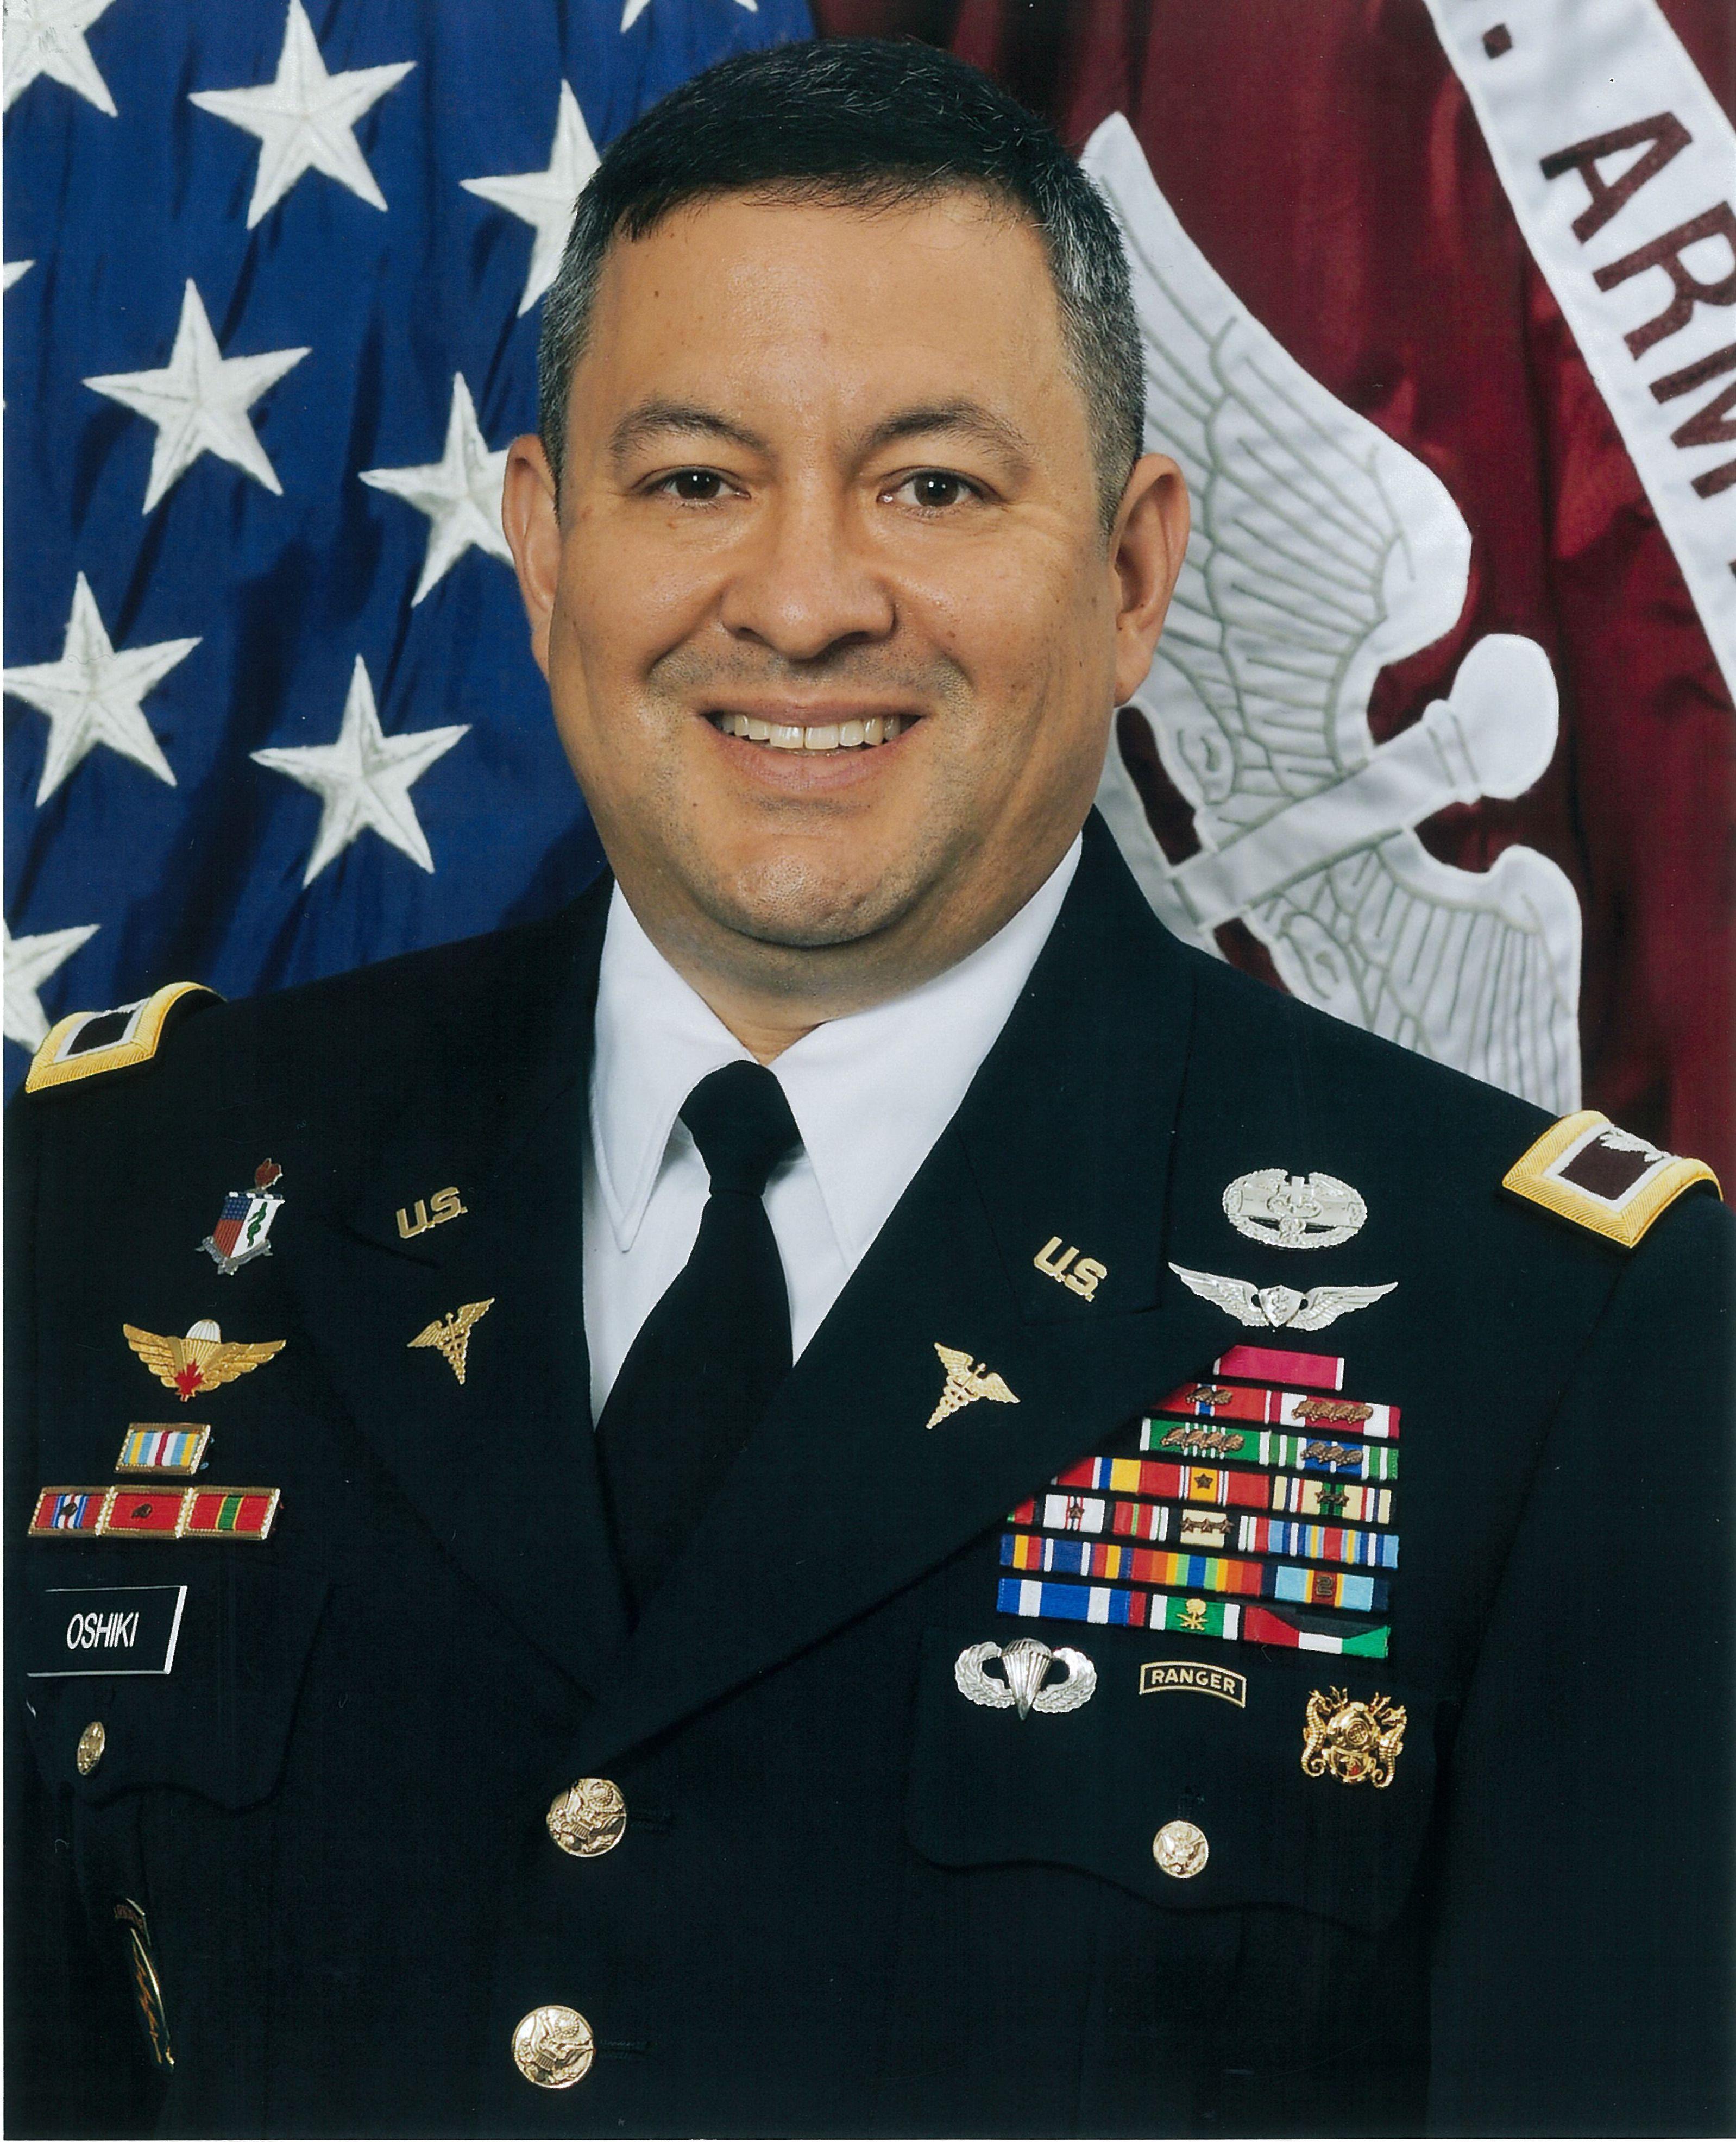 Colonel Michael S. Oshiki, Commander, Fox Army Health